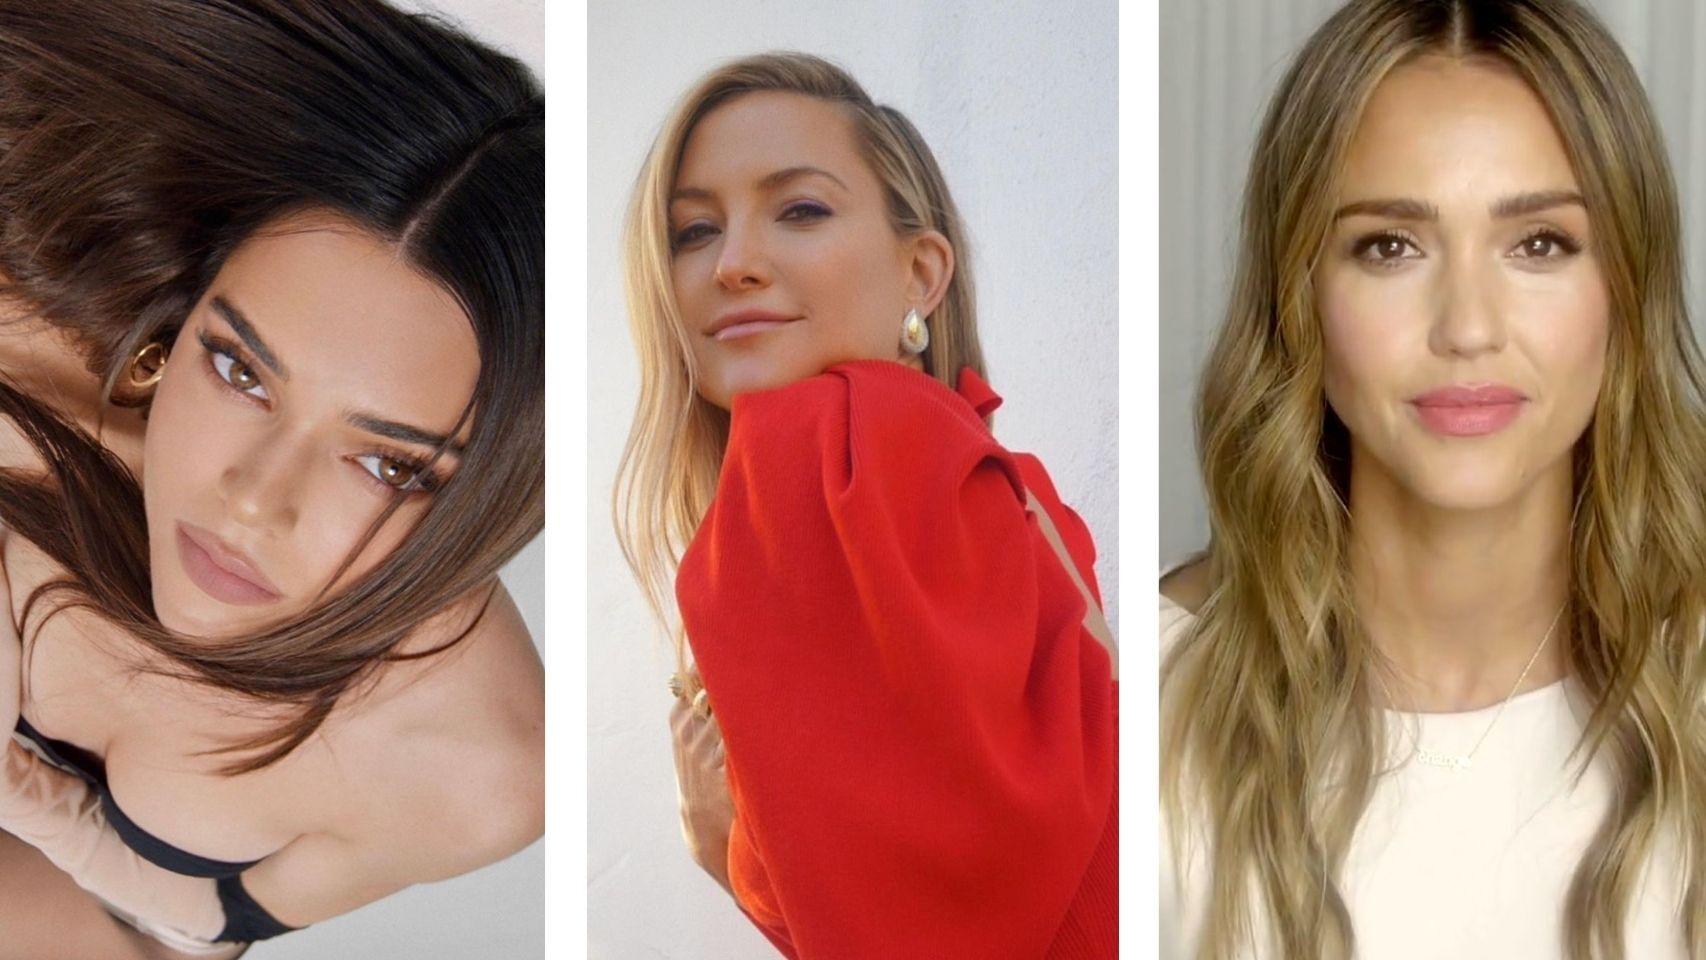 Parches de colágeno y ácido hialurónico: el cosmético favorito de las 'celebrities'